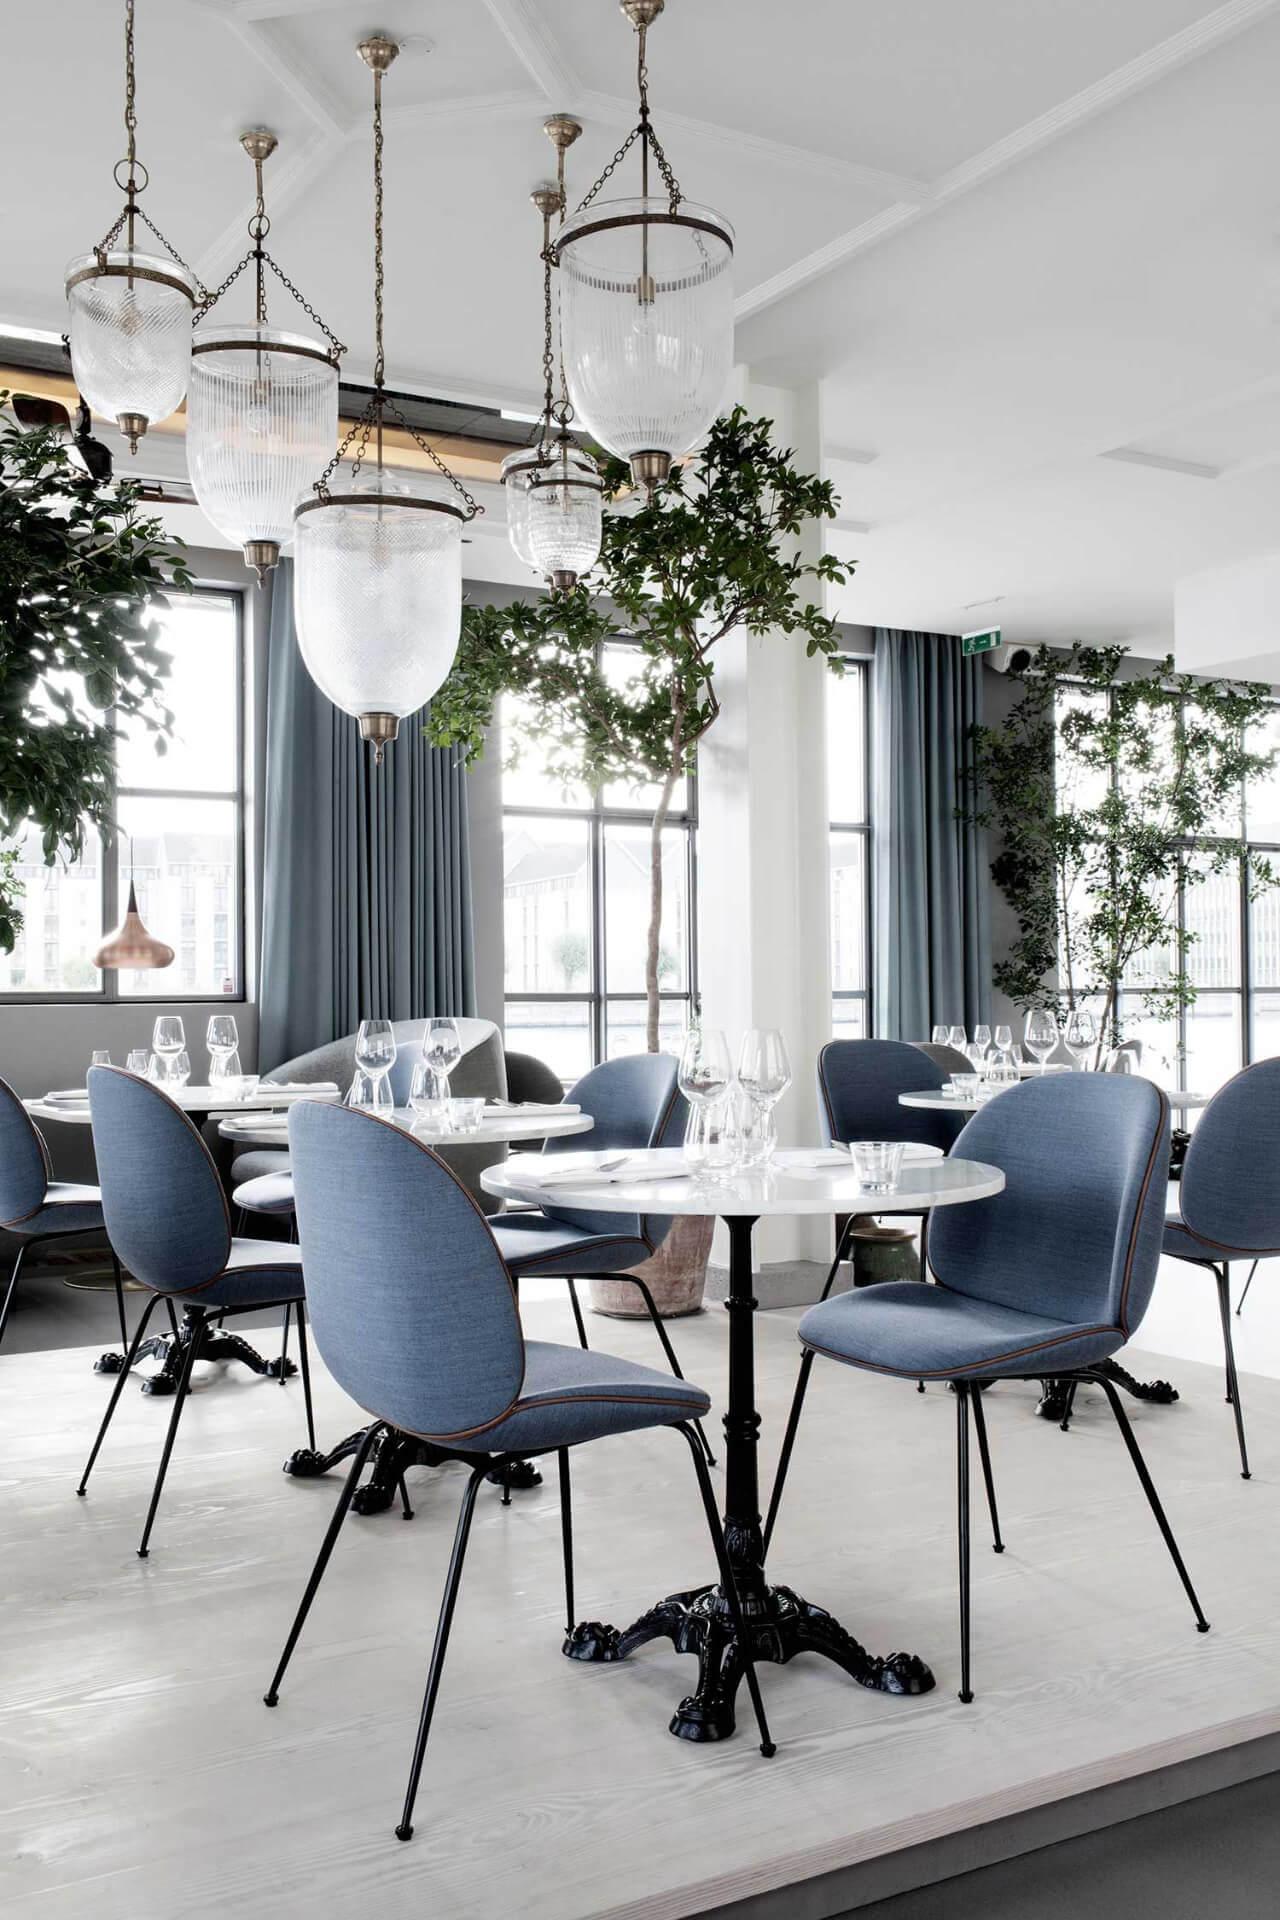 phong cách scandinavian cho quán coffee